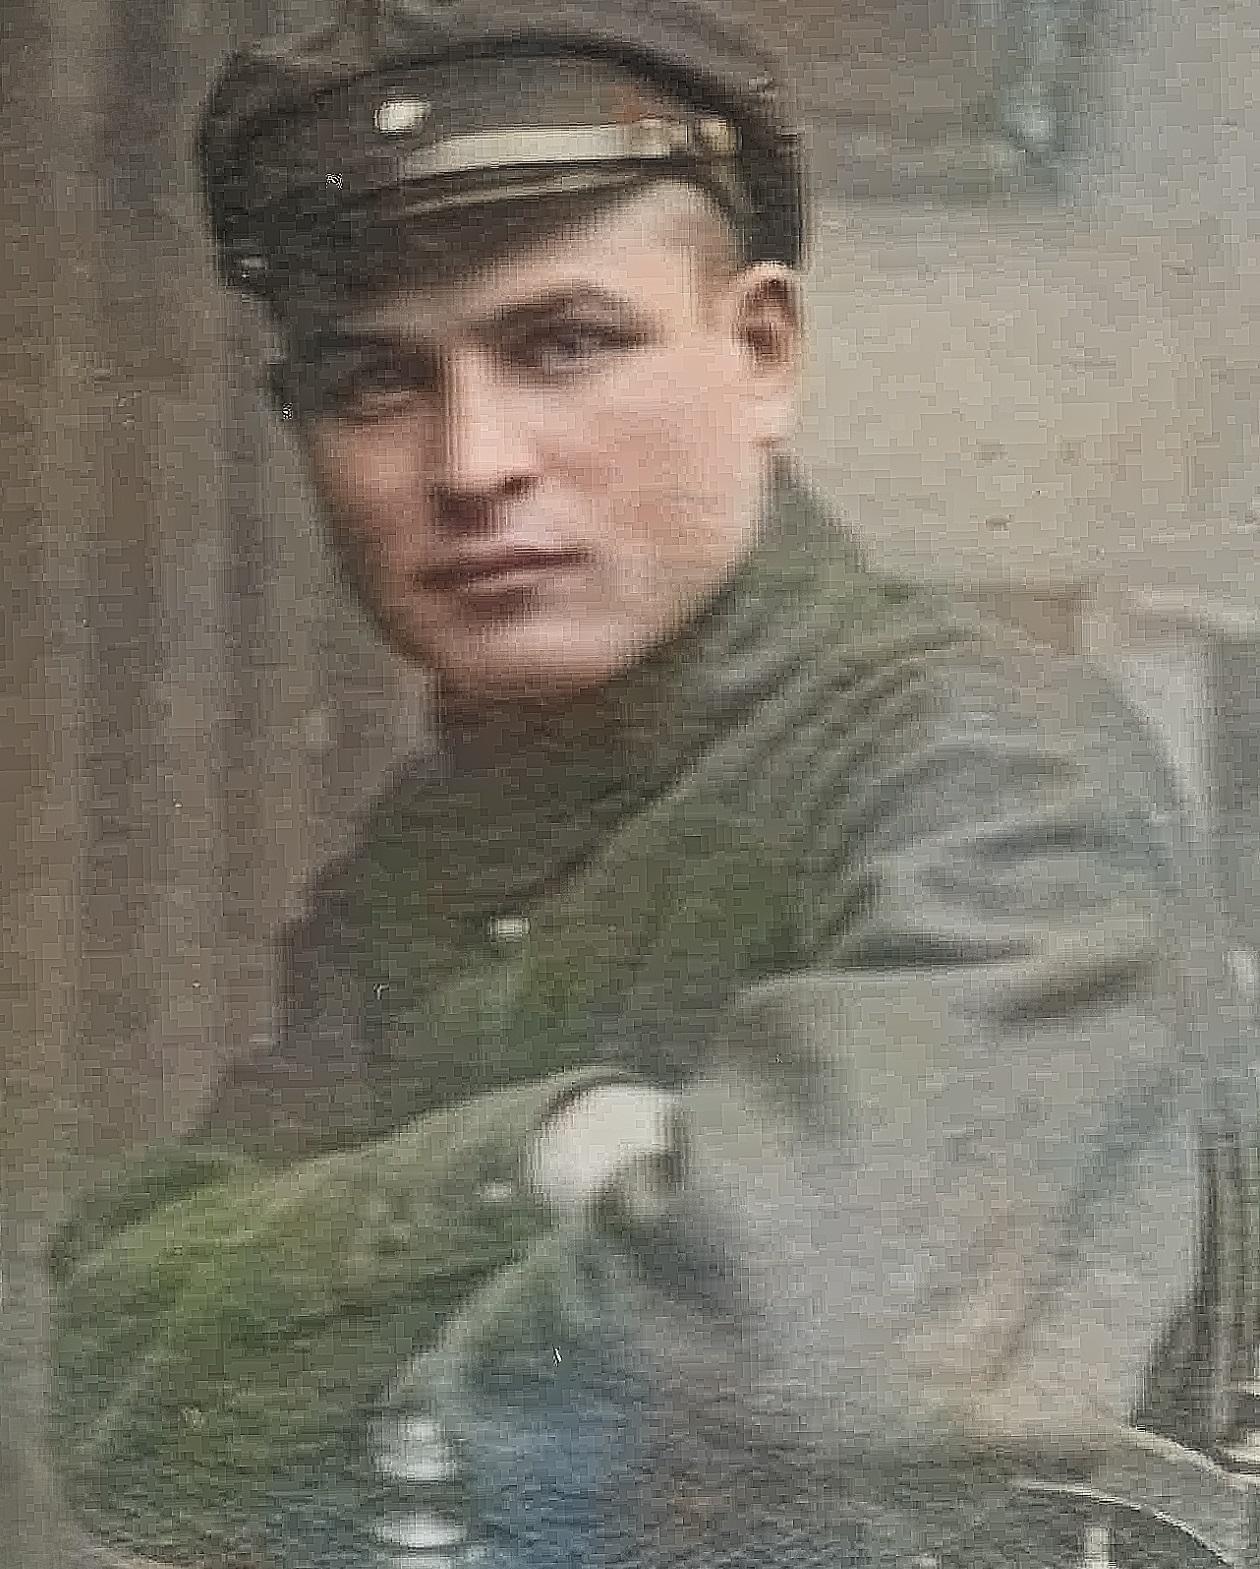 Андрей Григорьевич Москаленко (1907-1944)